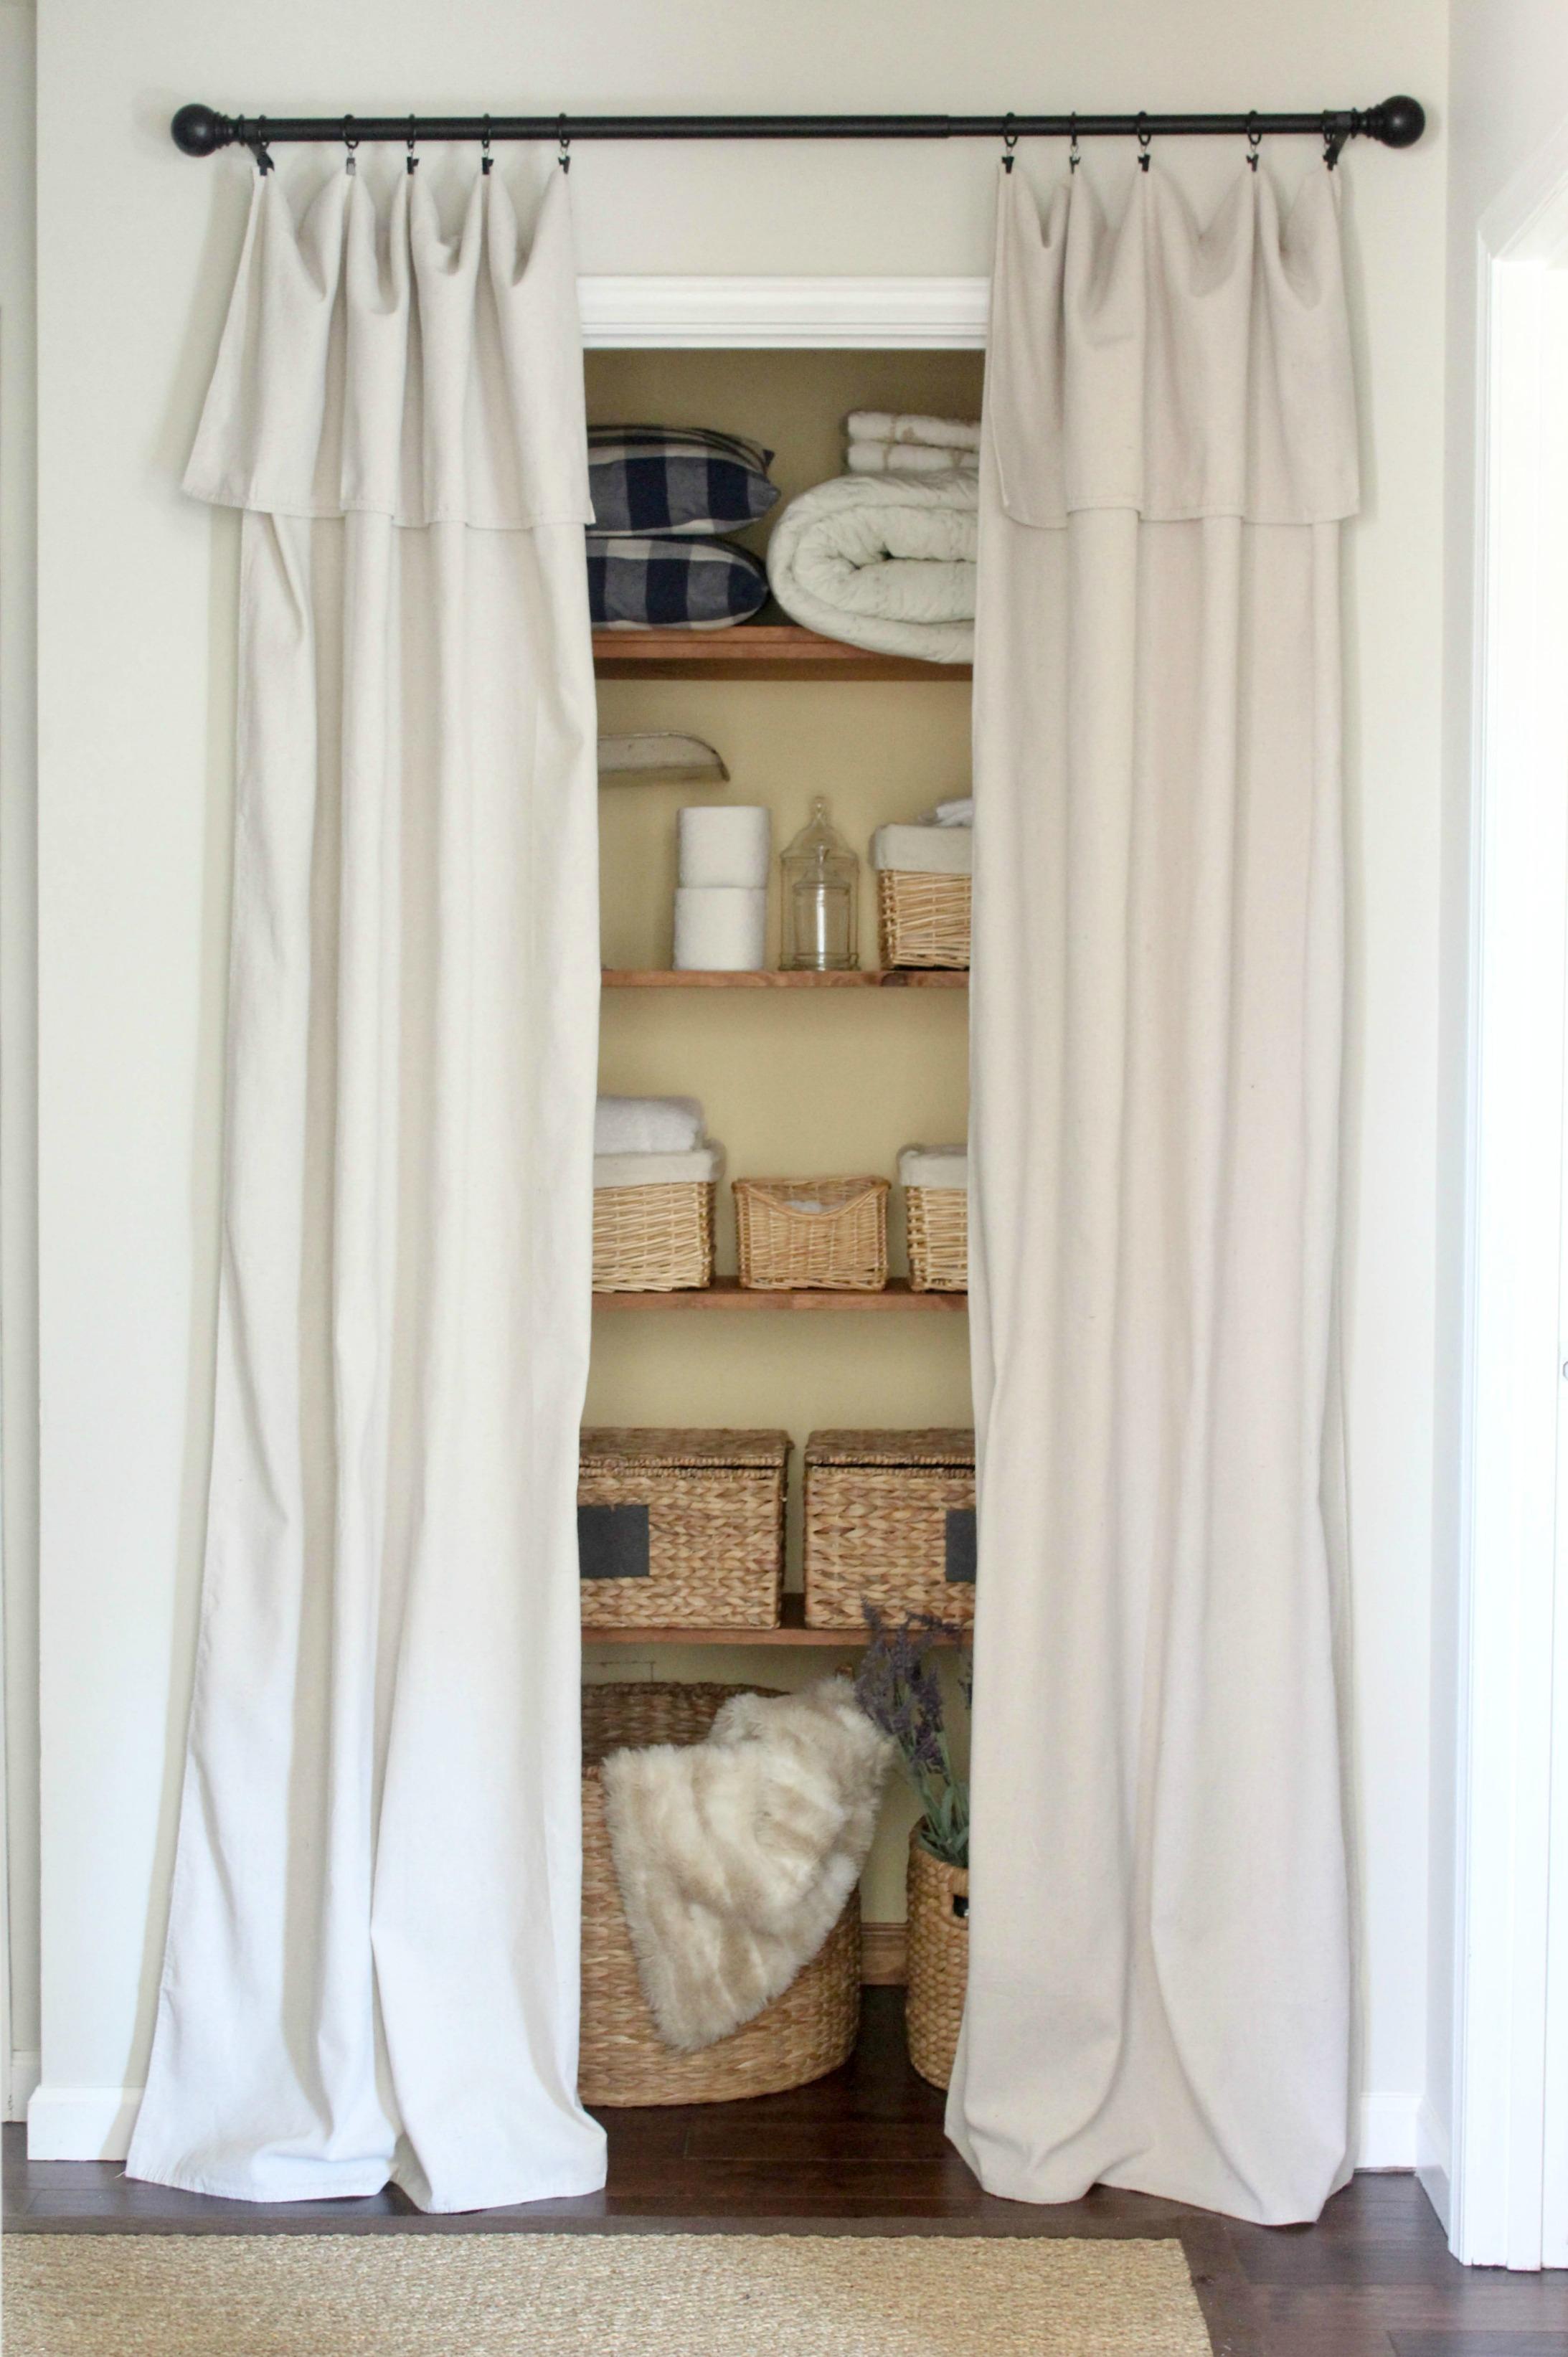 Closet Door Alternative Easy Drop Cloth Curtains Sincerely Marie Designs